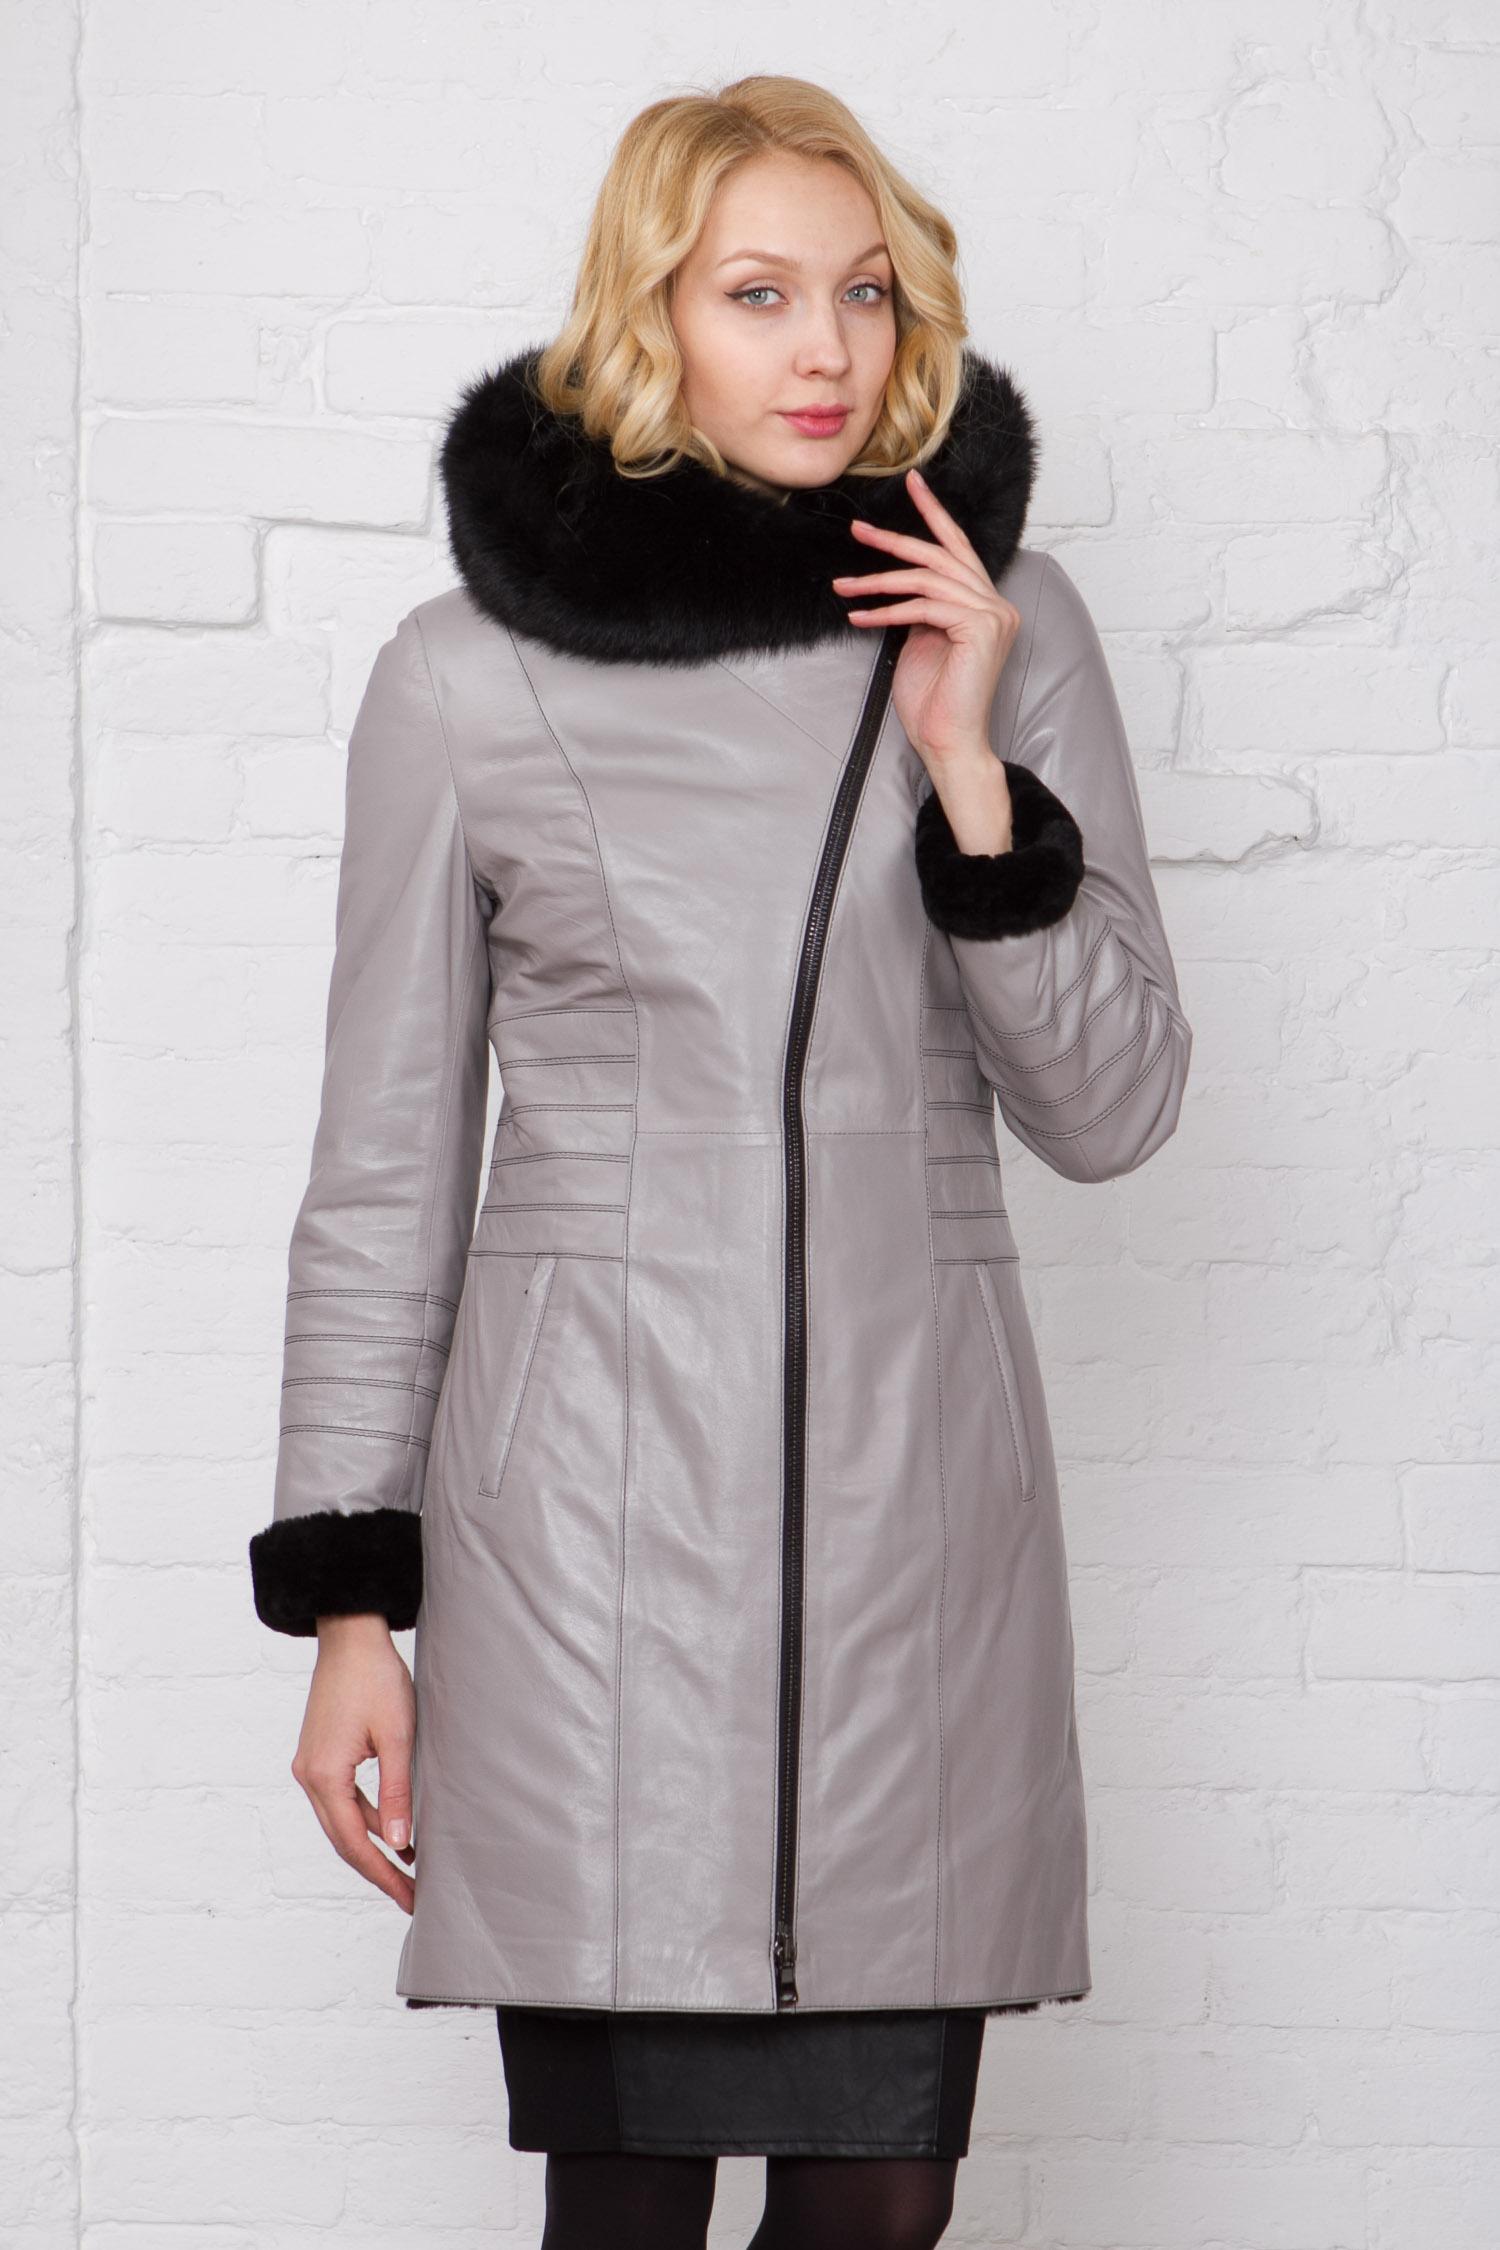 Женское кожаное пальто из натуральной овчины на меху с капюшоном, отделка тоскана Женское кожаное пальто из натуральной овчины на меху с капюшоном, отделка тоскана